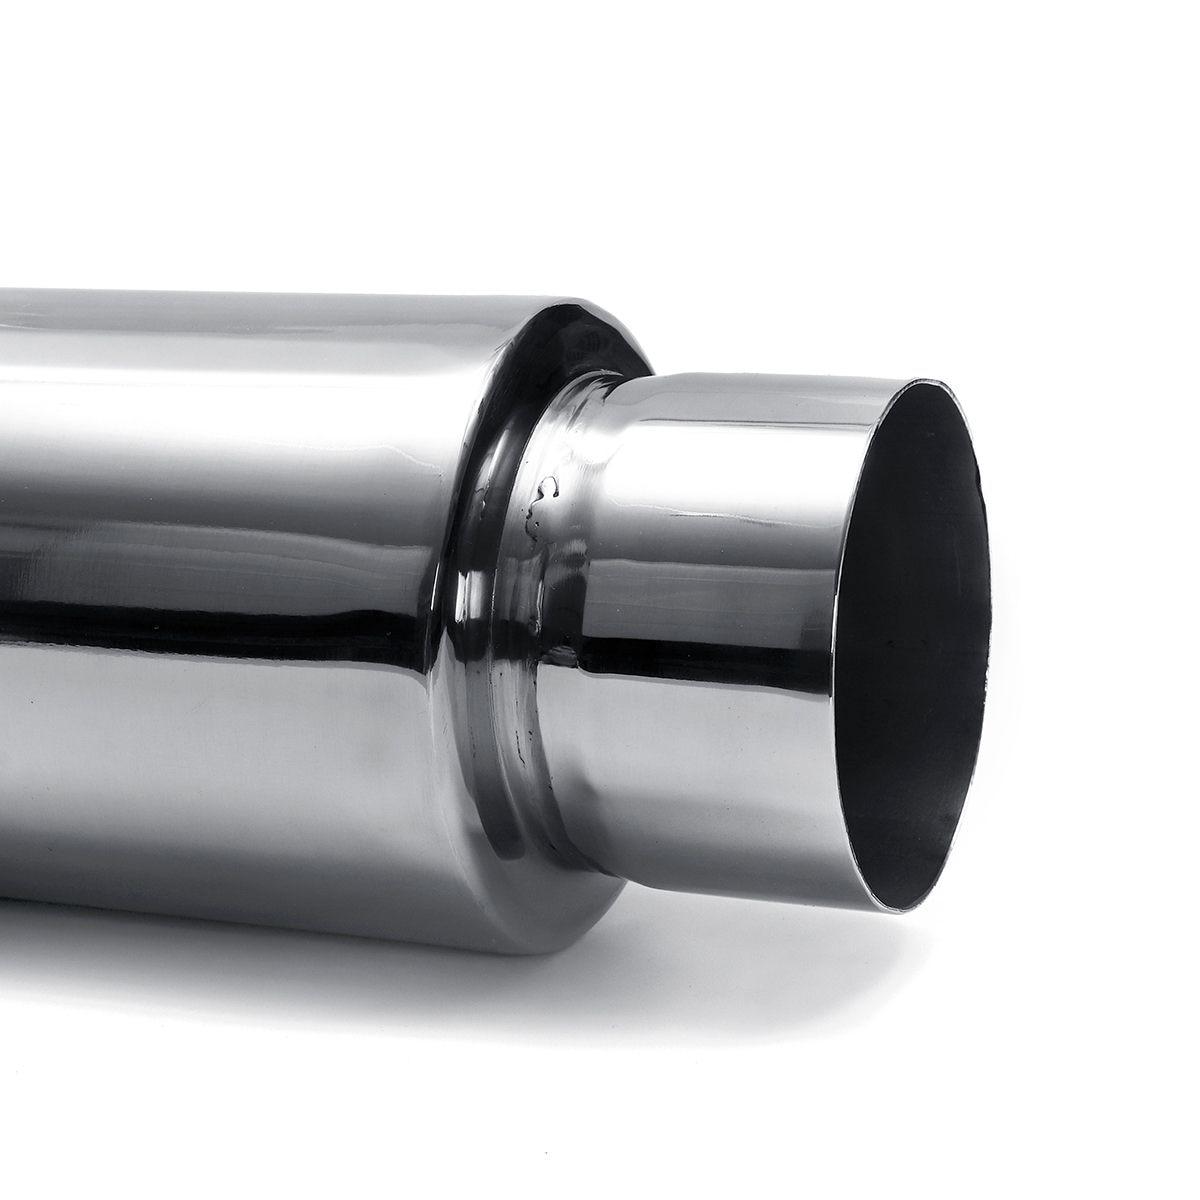 silenciador de escape universal para carro cano escape com saida 76mm 04